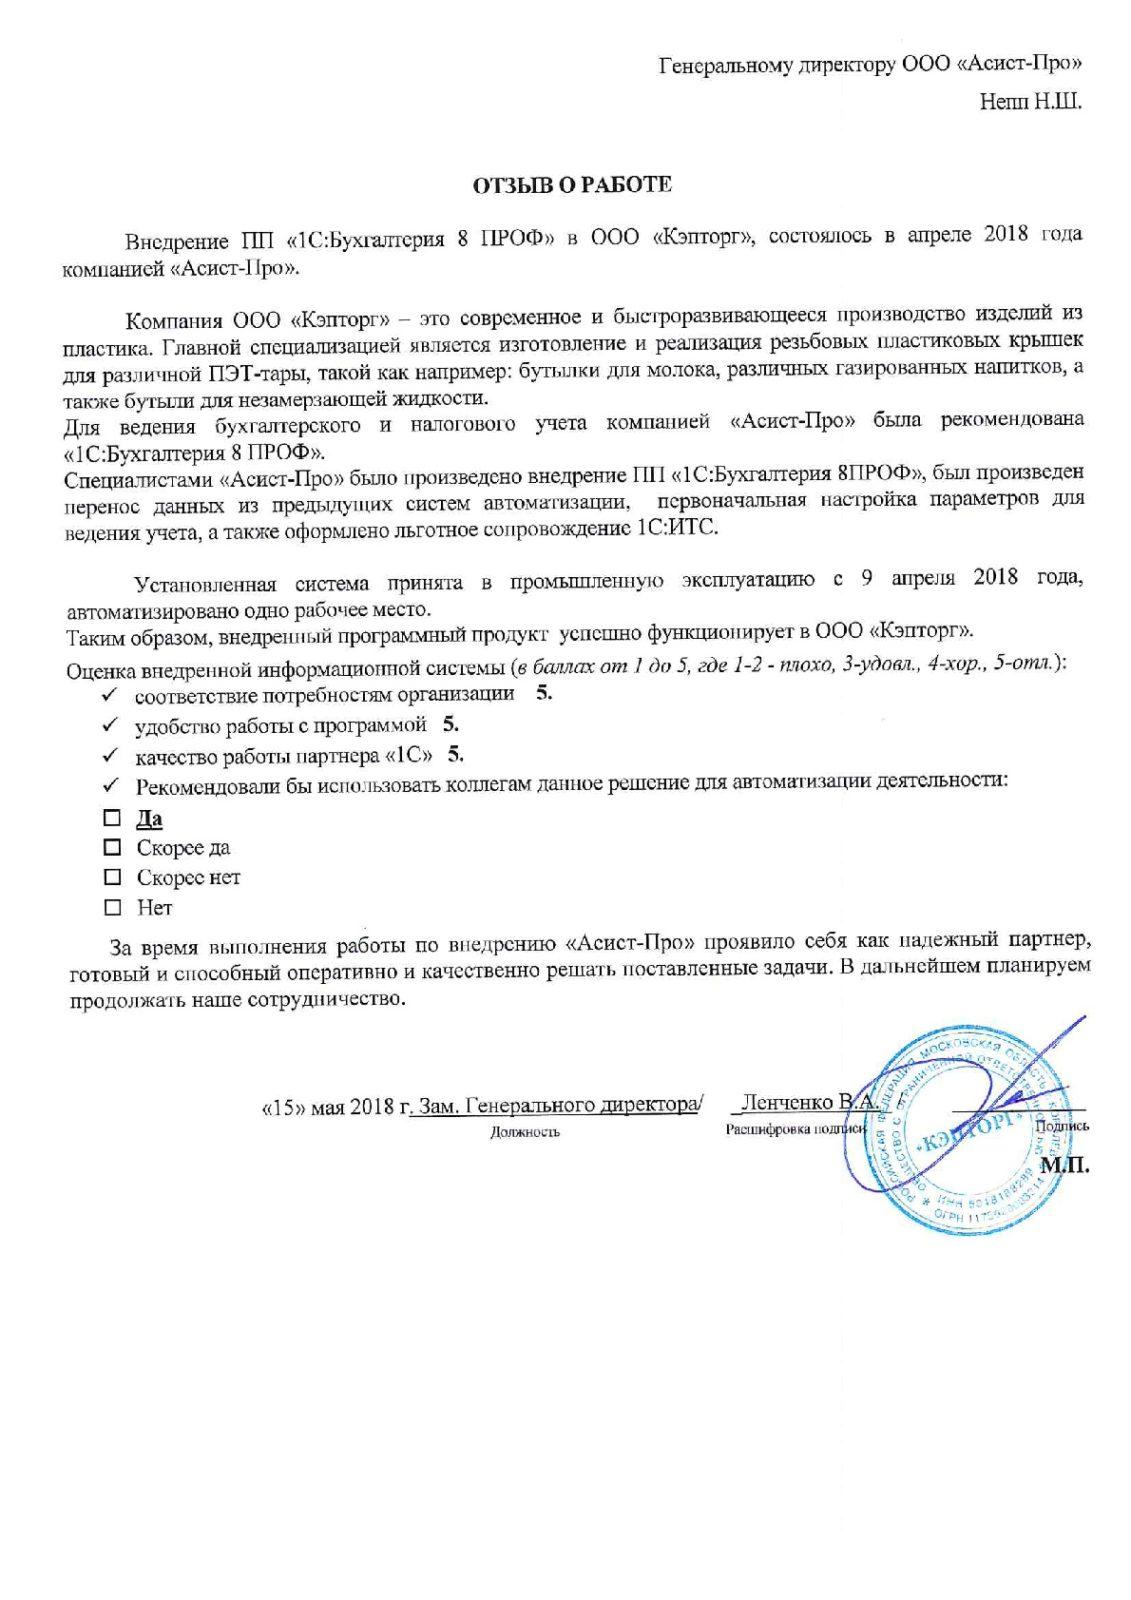 ОТЗЫВ О РАБОТЕ - ООО «Кэпторг»